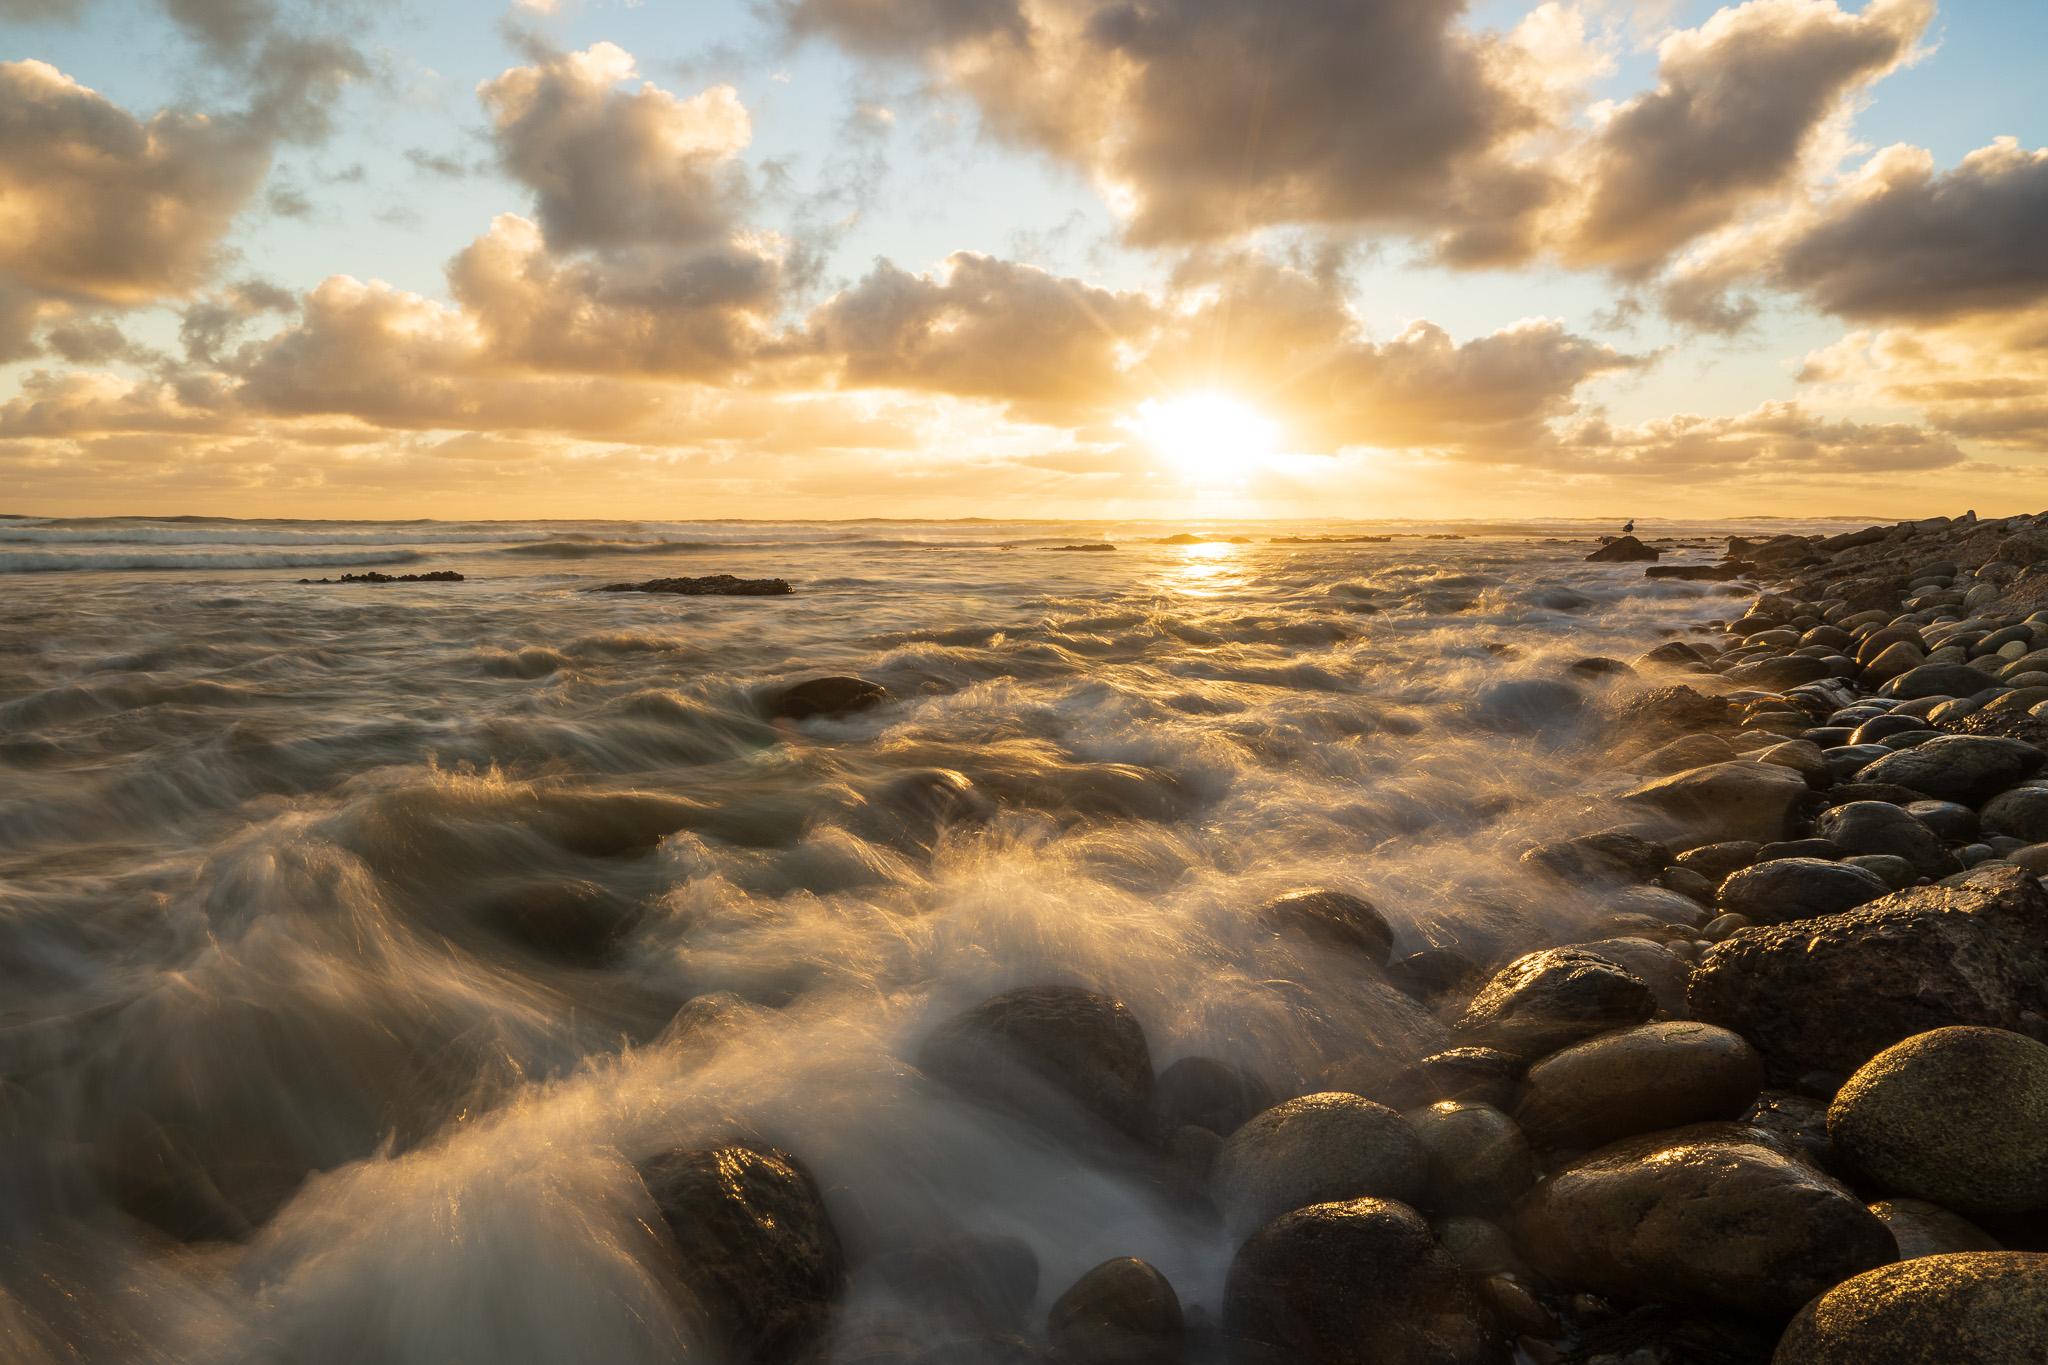 False Point, San Diego, California